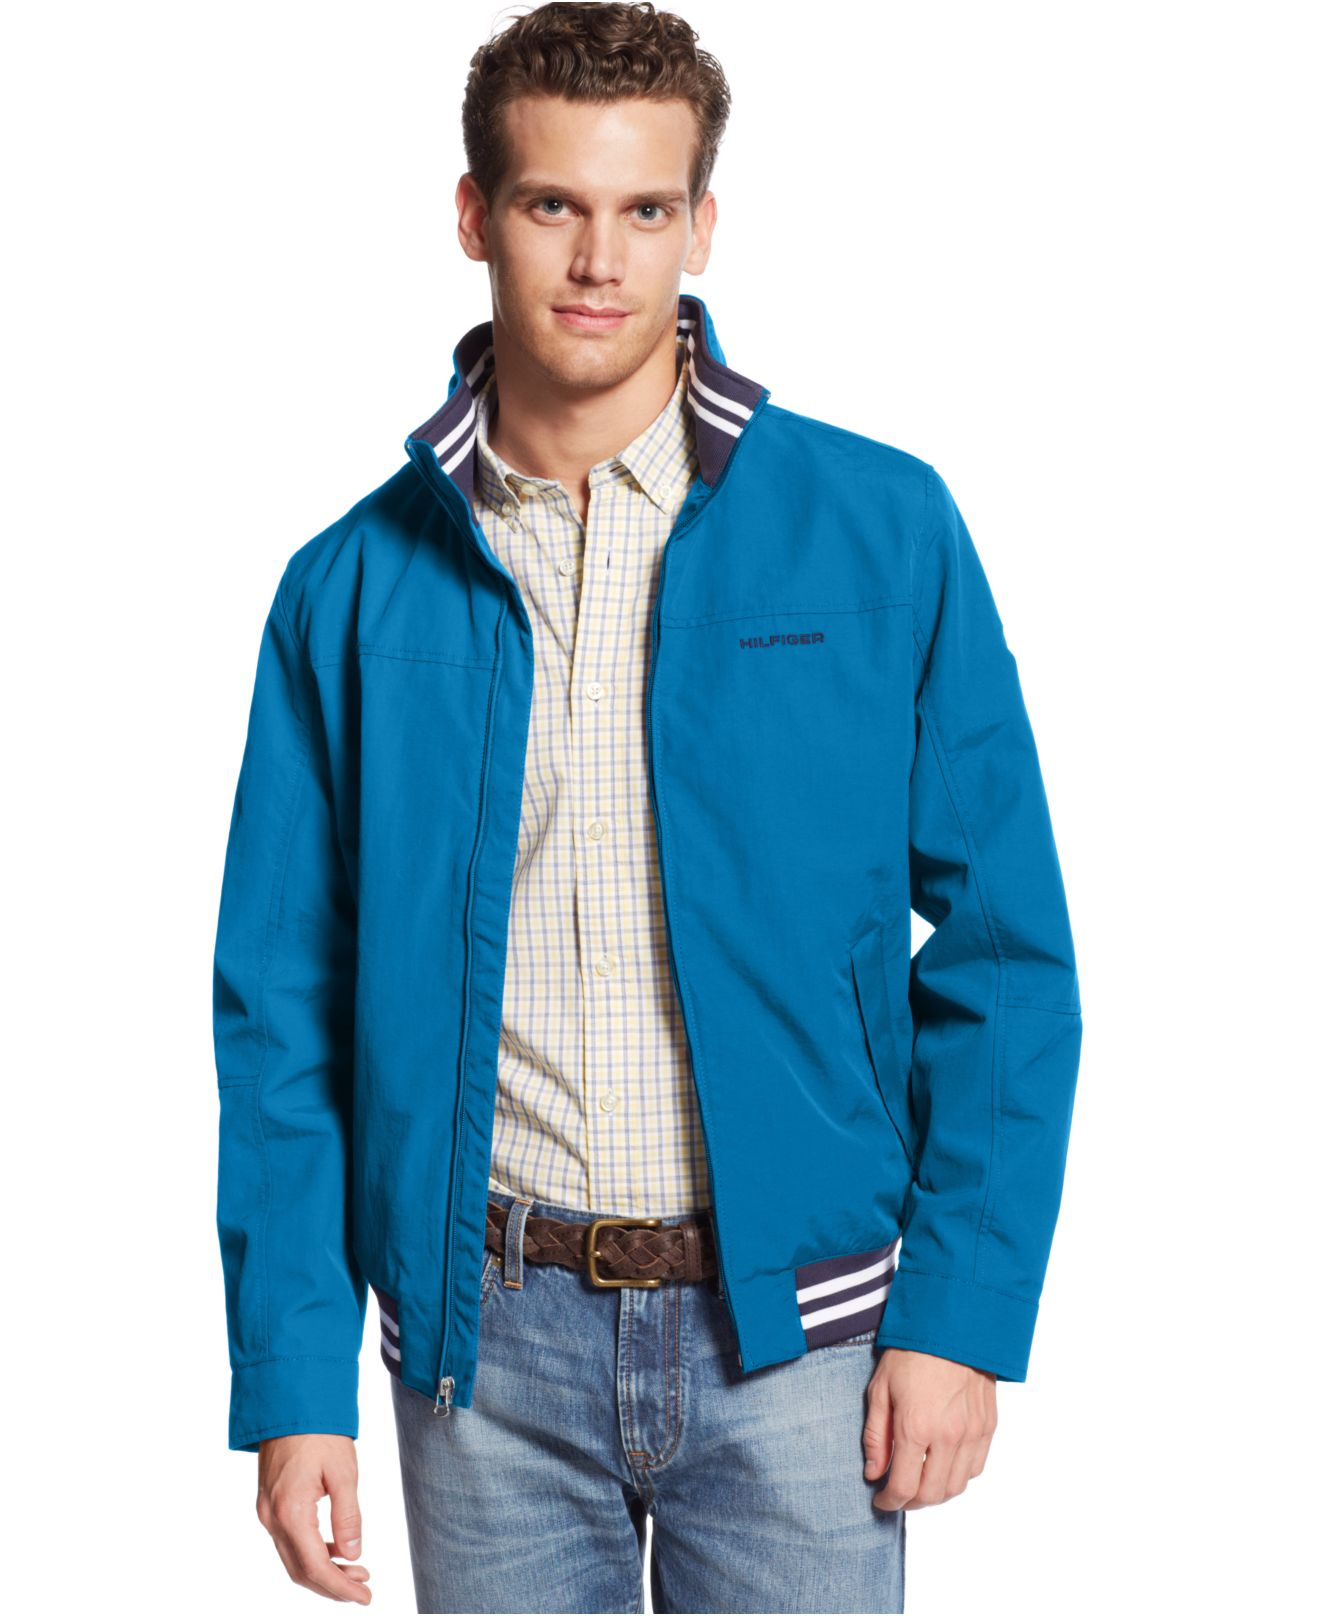 lyst tommy hilfiger regatta jacket in blue for men. Black Bedroom Furniture Sets. Home Design Ideas